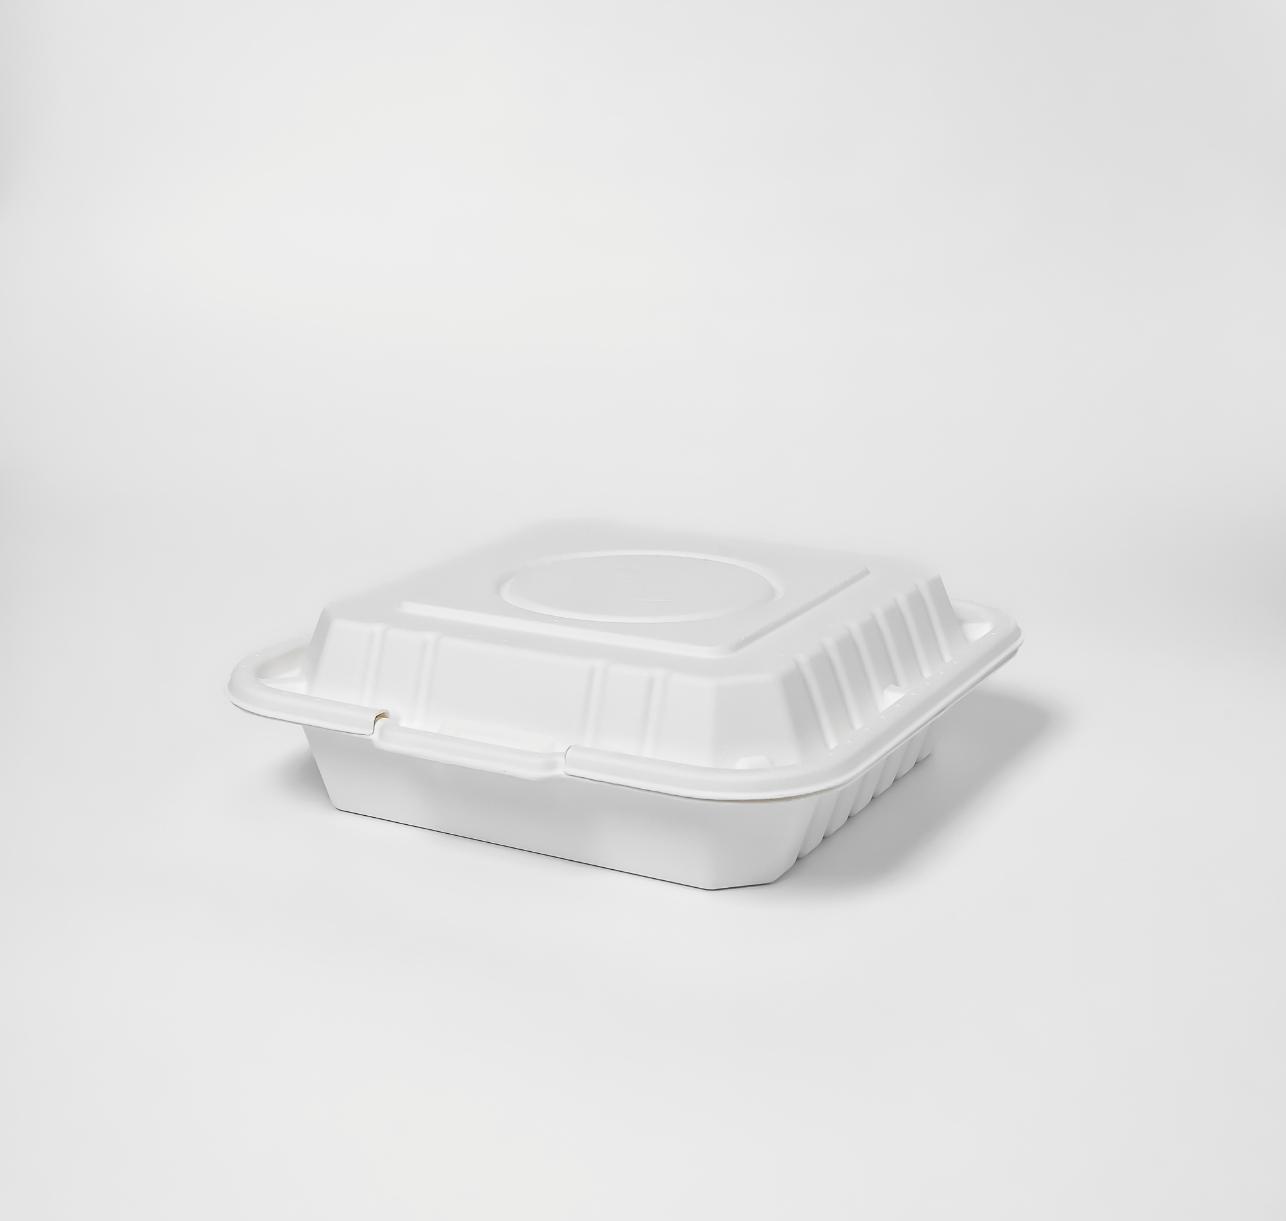 กล่องอาหารเยื่อธรรมชาติ ทรงจัตุรัส 1000ml